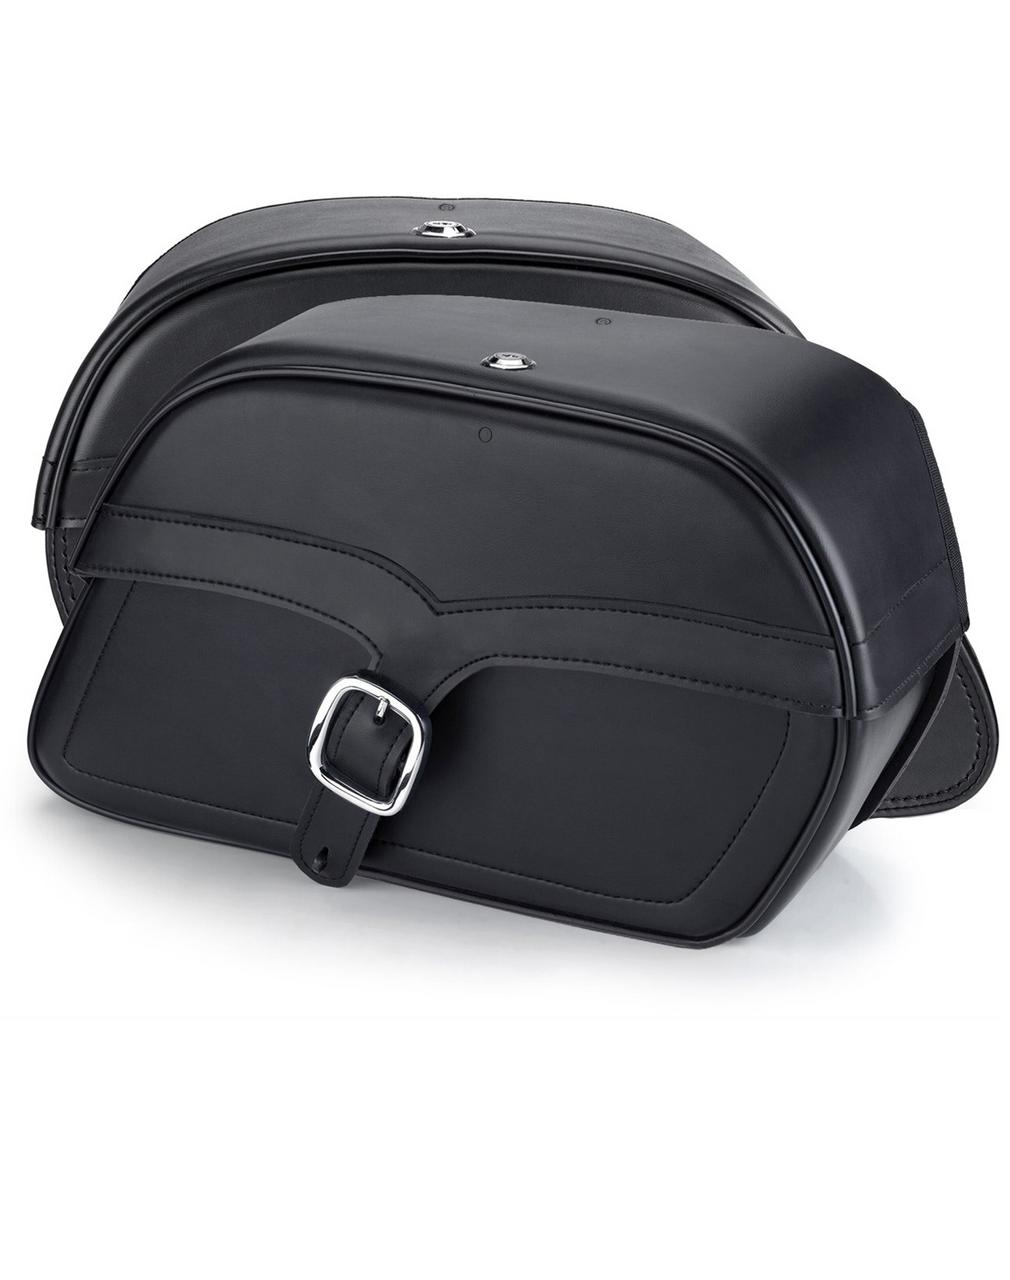 Honda 750 Shadow Aero Charger Single Strap Medium Motorcycle Saddlebags Both Bags View